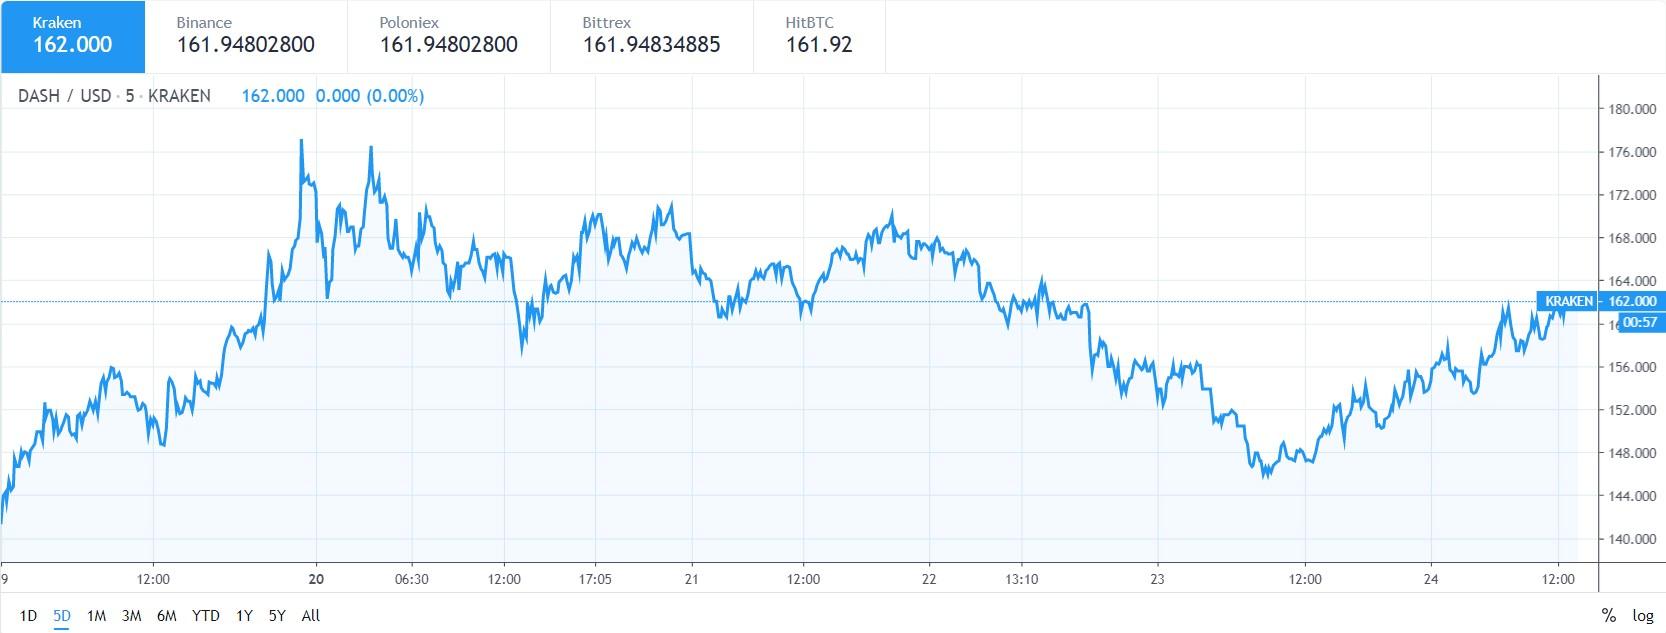 DASH price chart 24 may